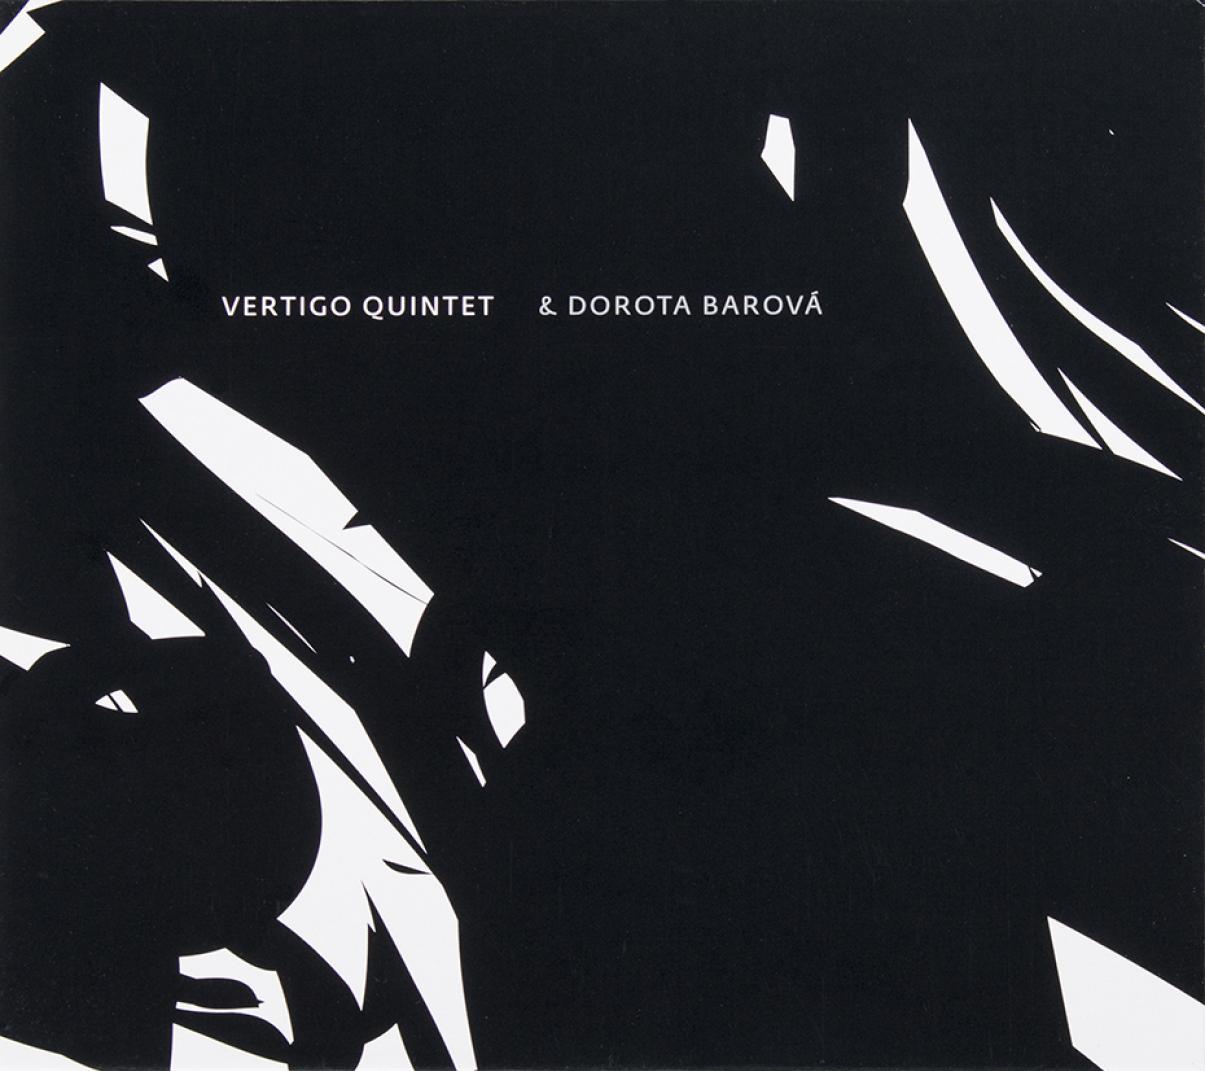 Vertigo Quintet & Dorota Barová